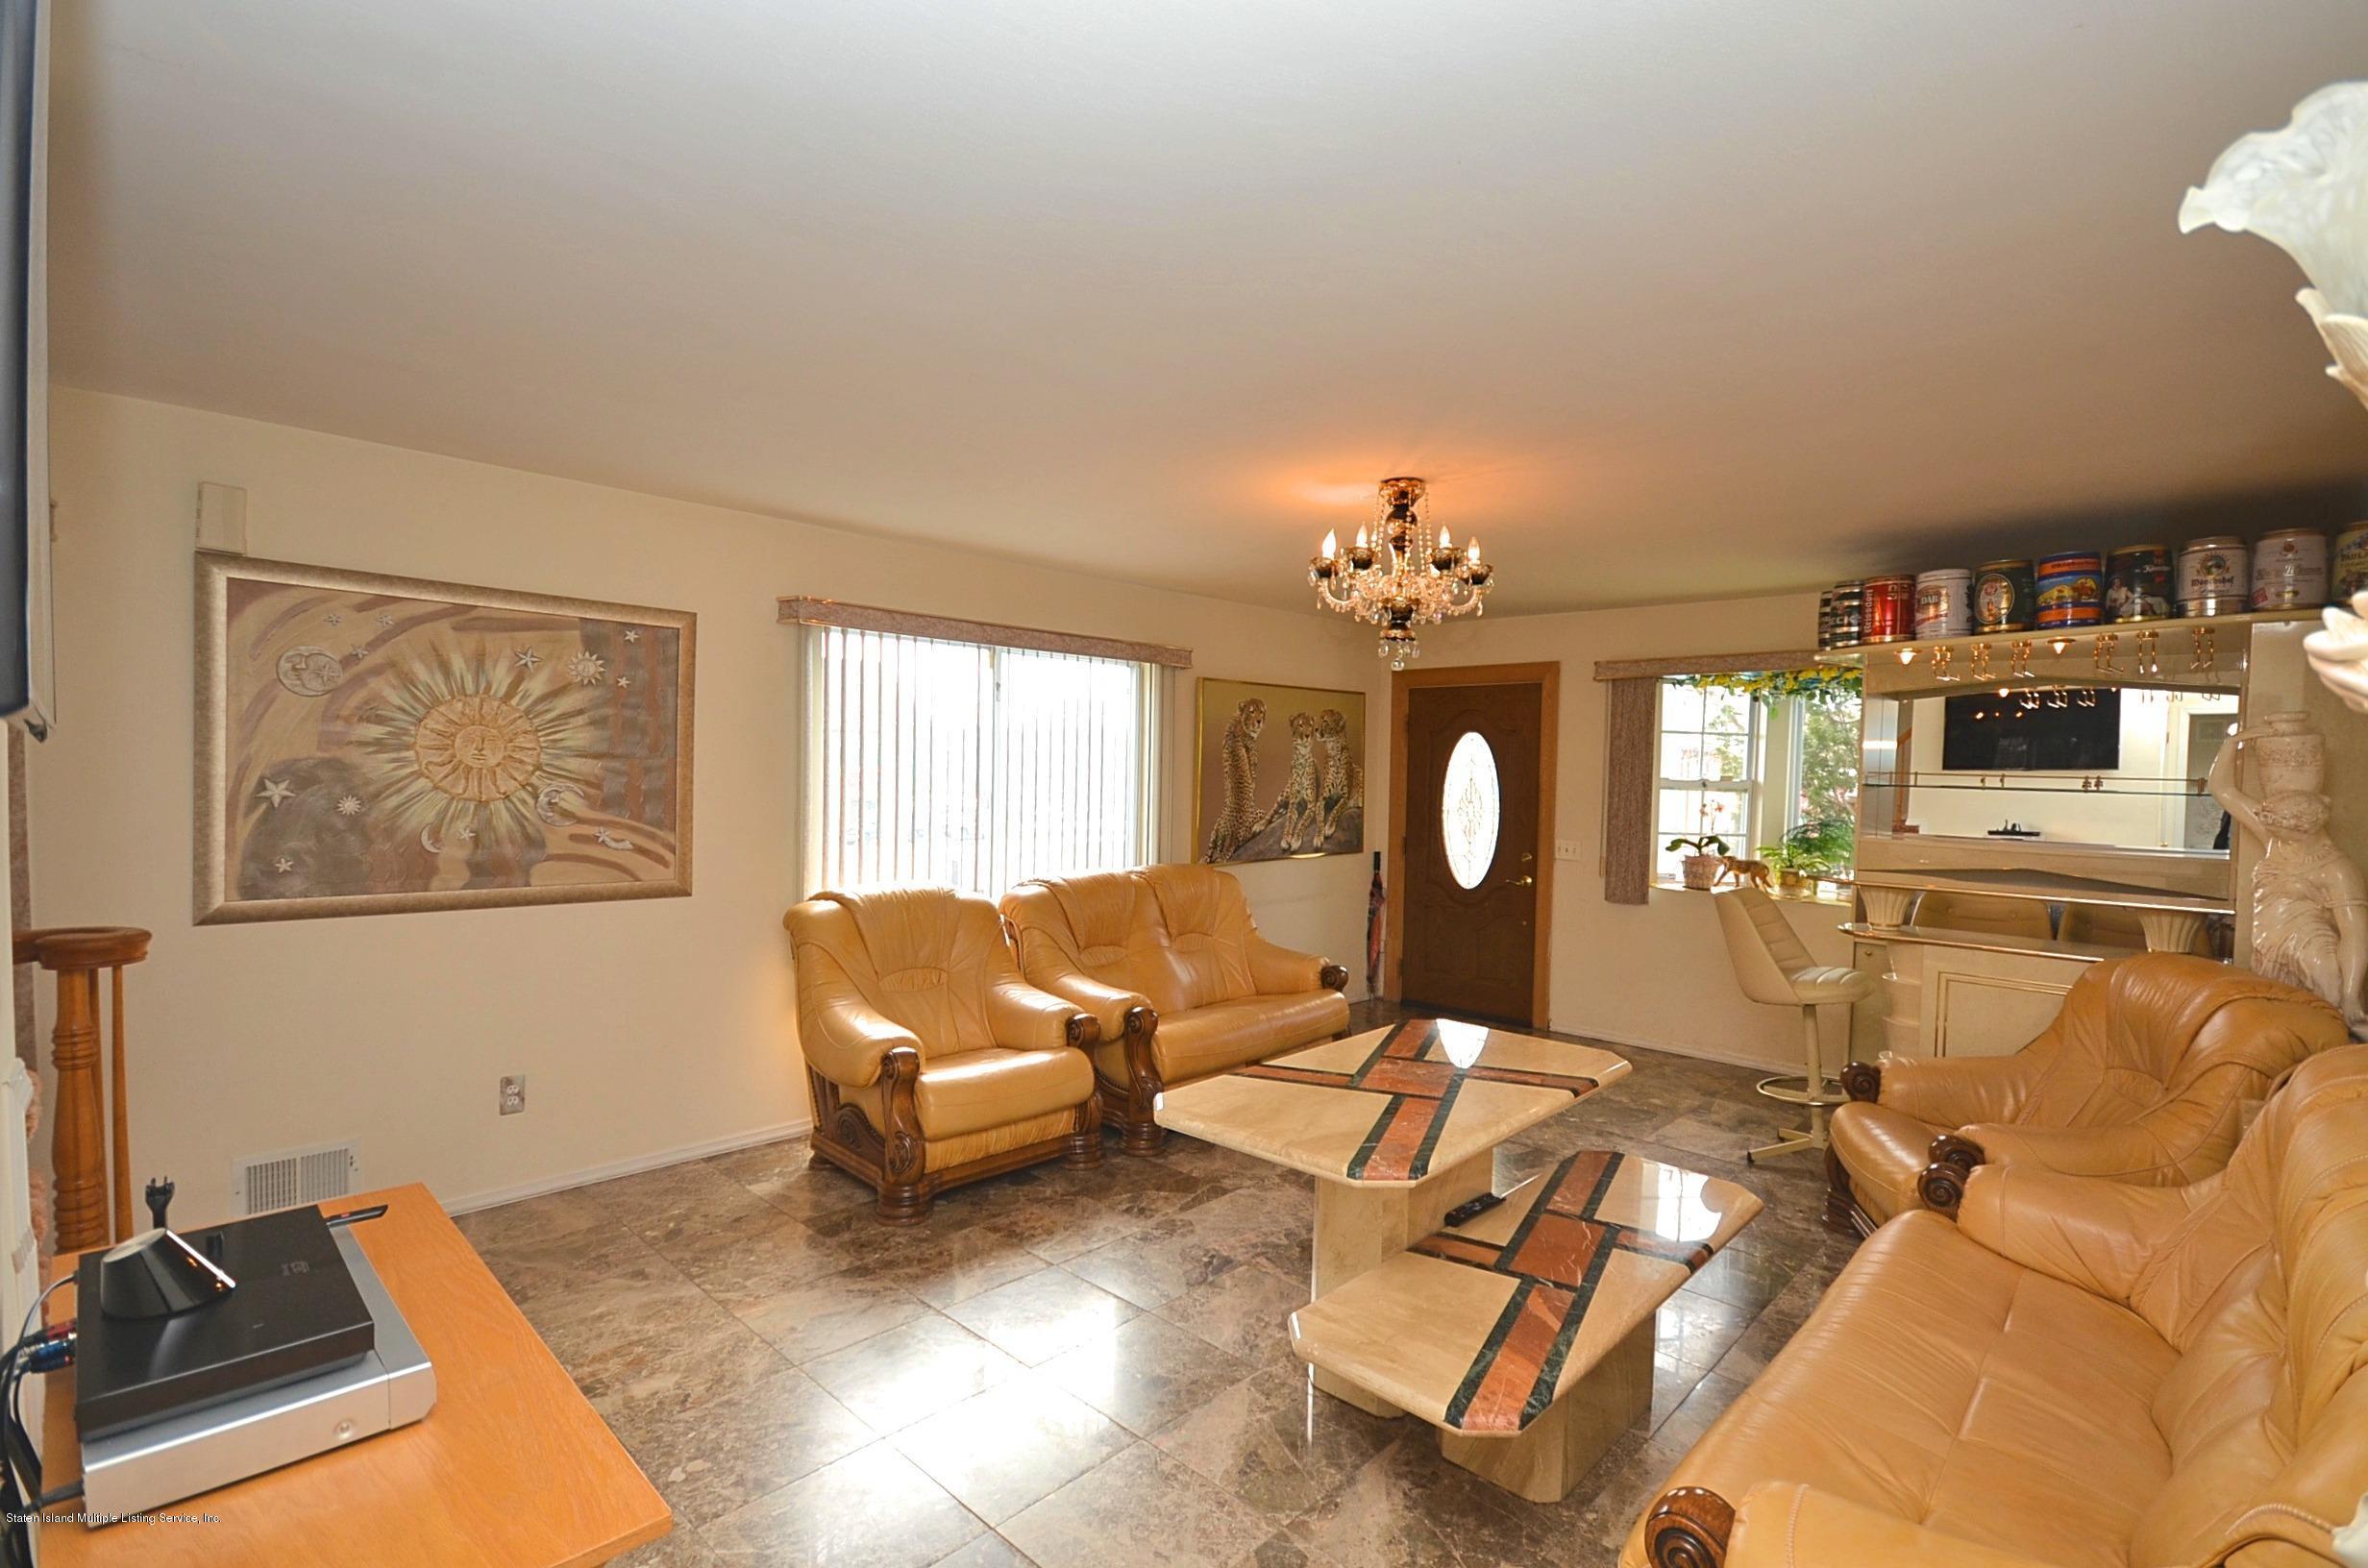 Single Family - Semi-Attached 447 Hillman Avenue  Staten Island, NY 10314, MLS-1126967-4